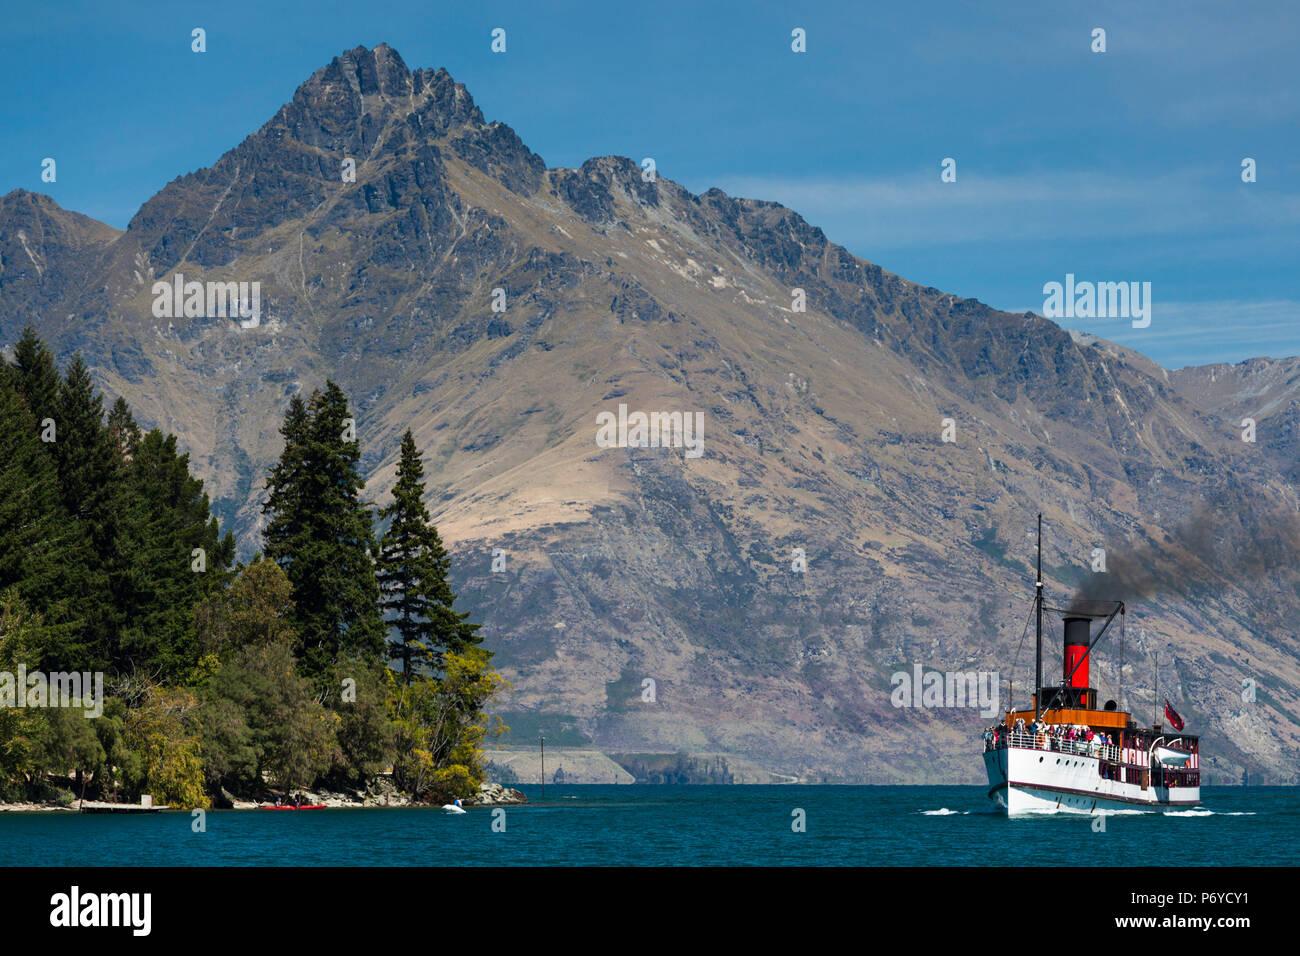 Nouvelle Zélande, île du Sud, Otago, Queenstown, les Montagnes Remarkables avec le bateau à vapeur TSS Earnslaw Banque D'Images